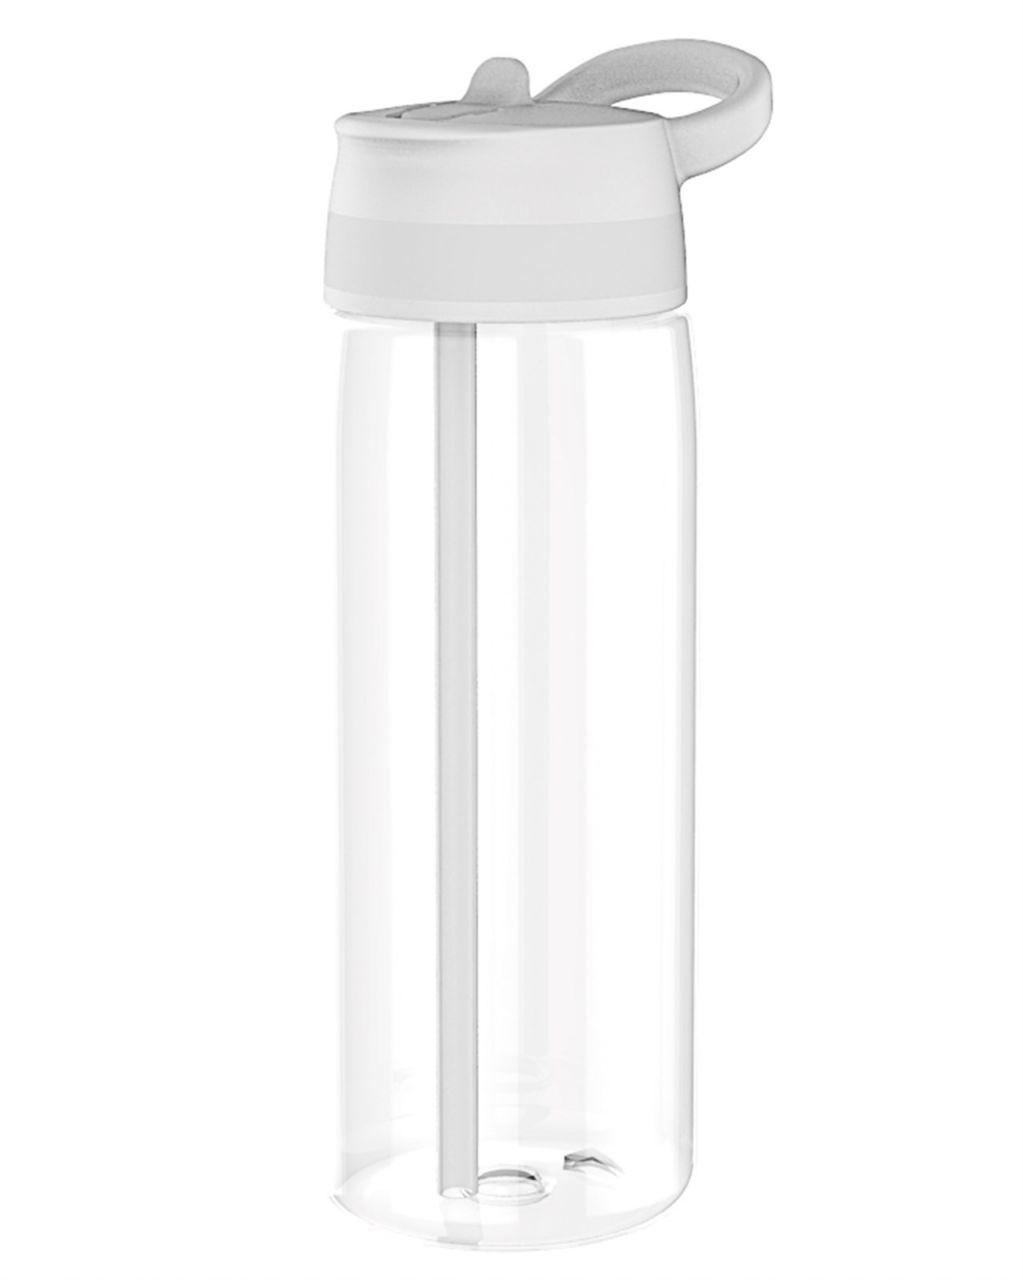 Trinkflasche Sprint m. Trinkhalm 75cl, weiss | Krüge, Flaschen ...